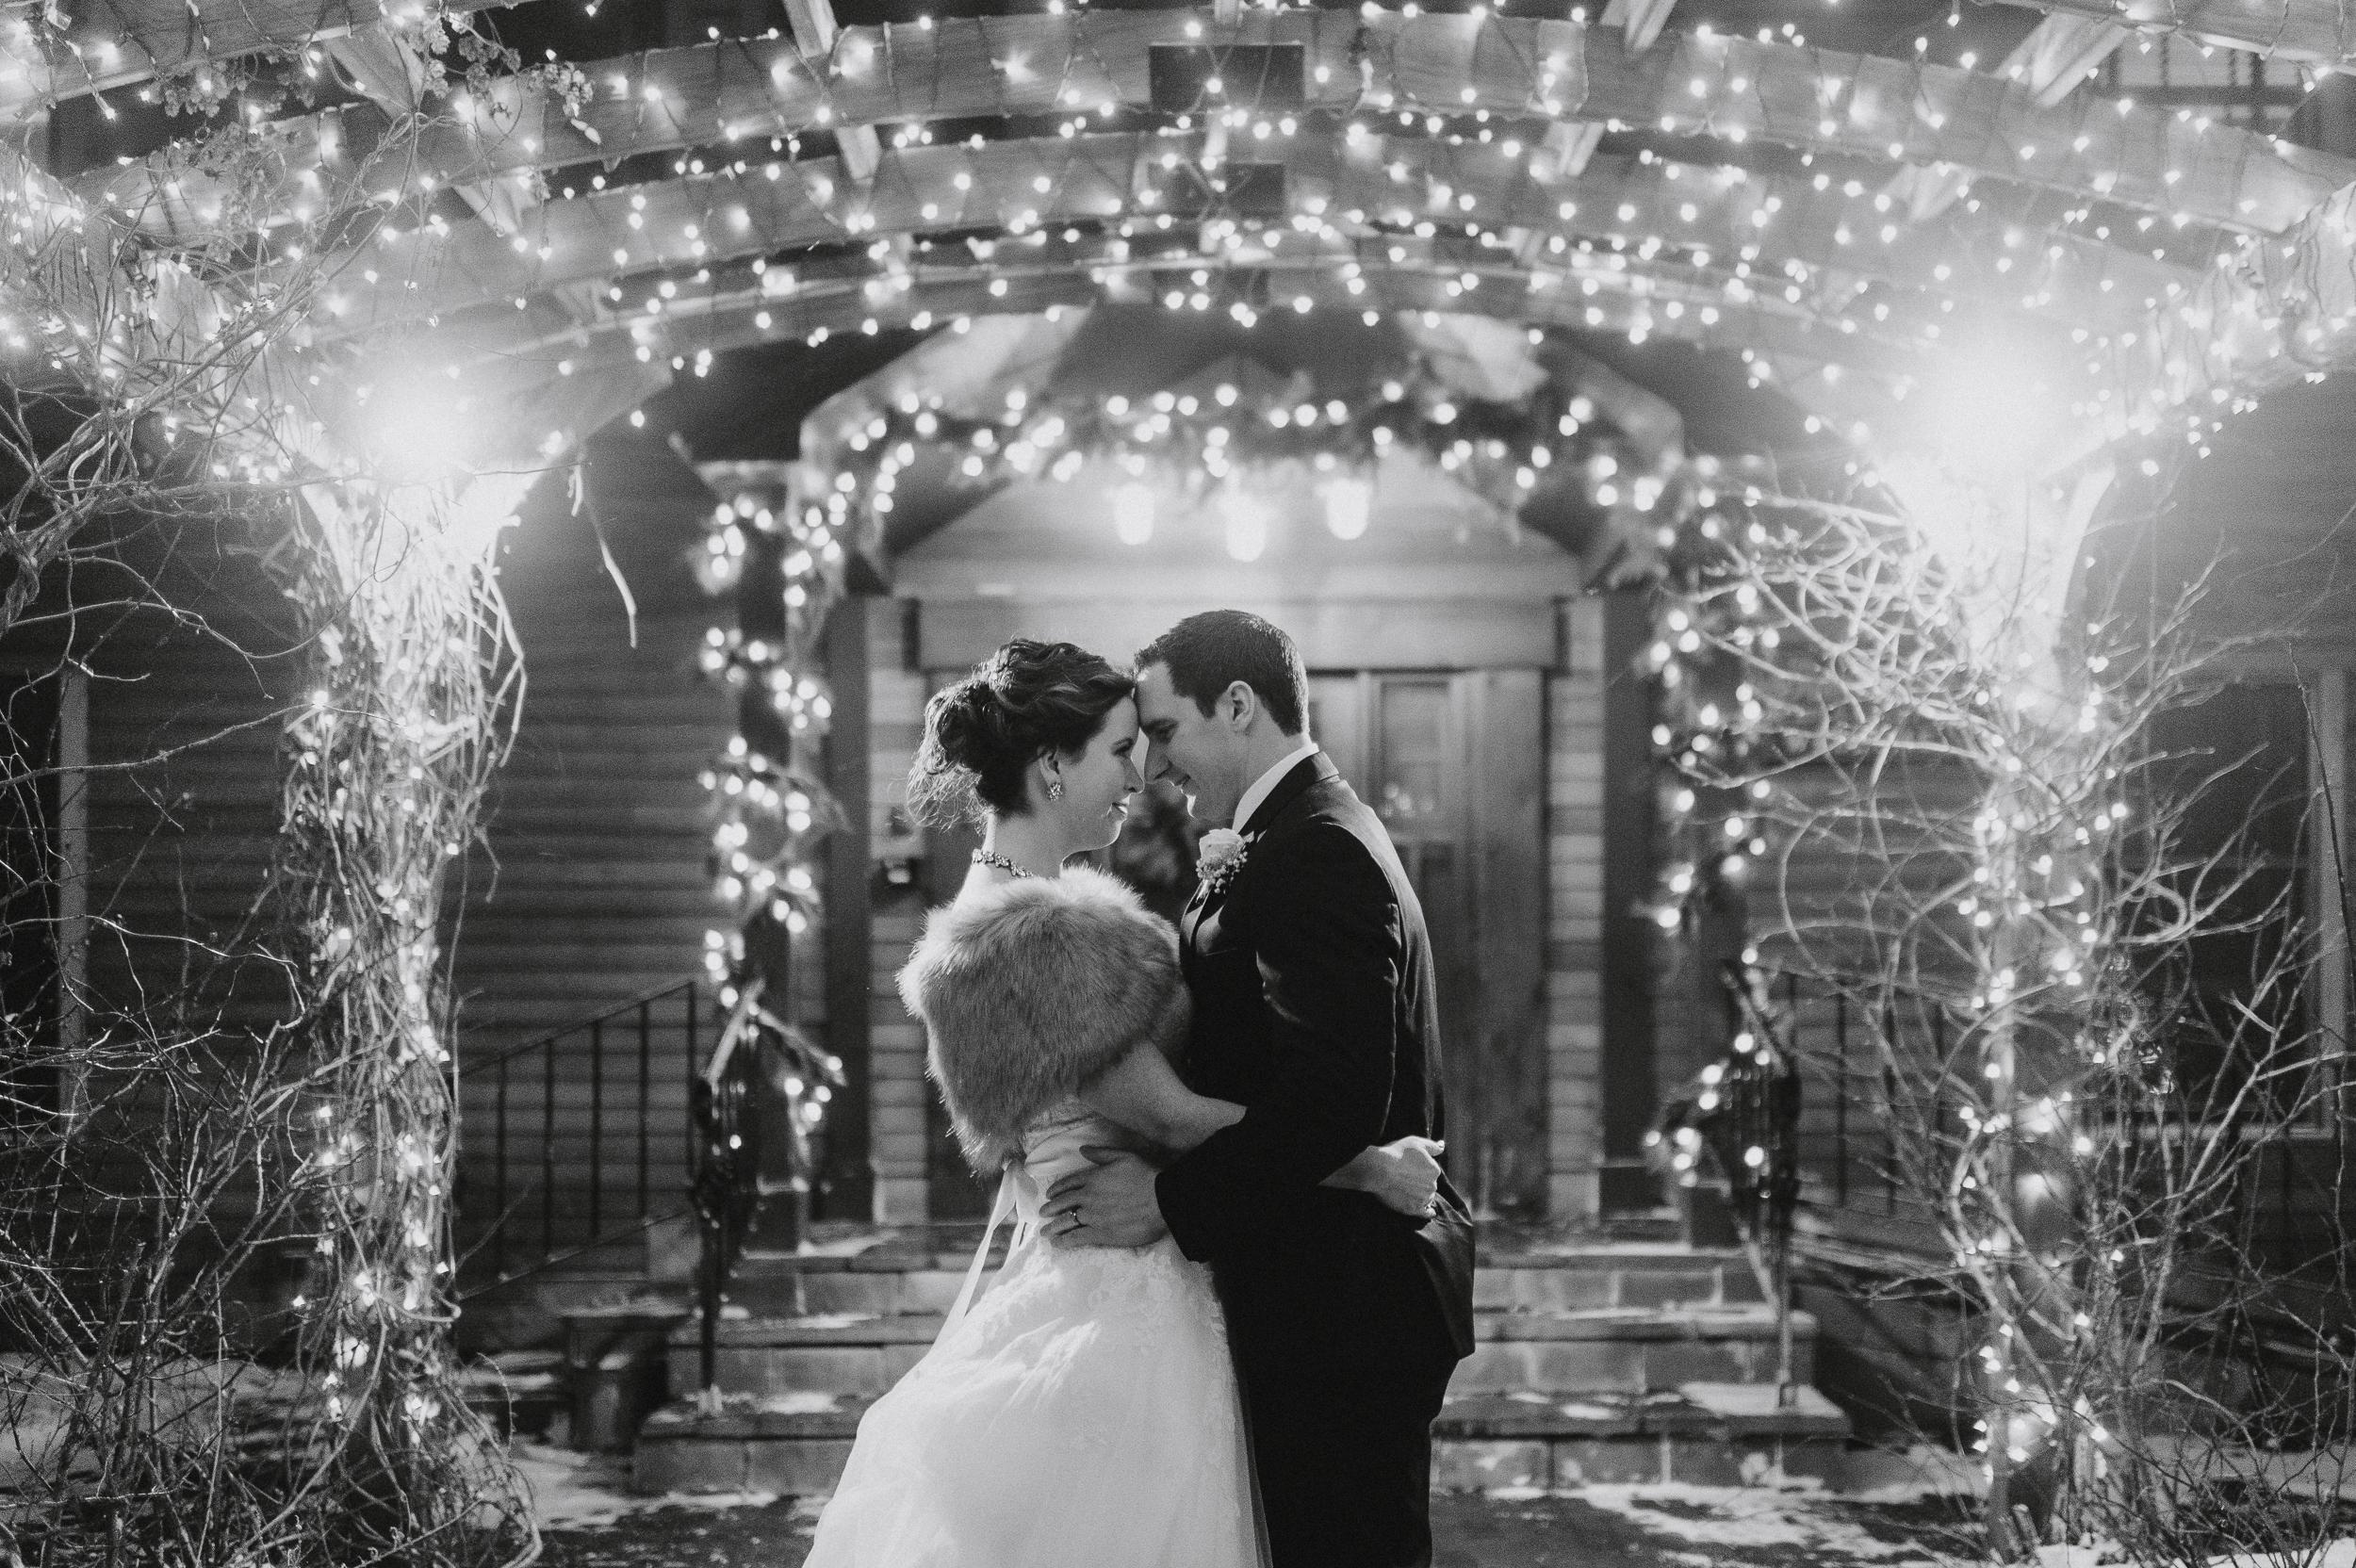 vermont-destination-wedding-photographer-54.jpg